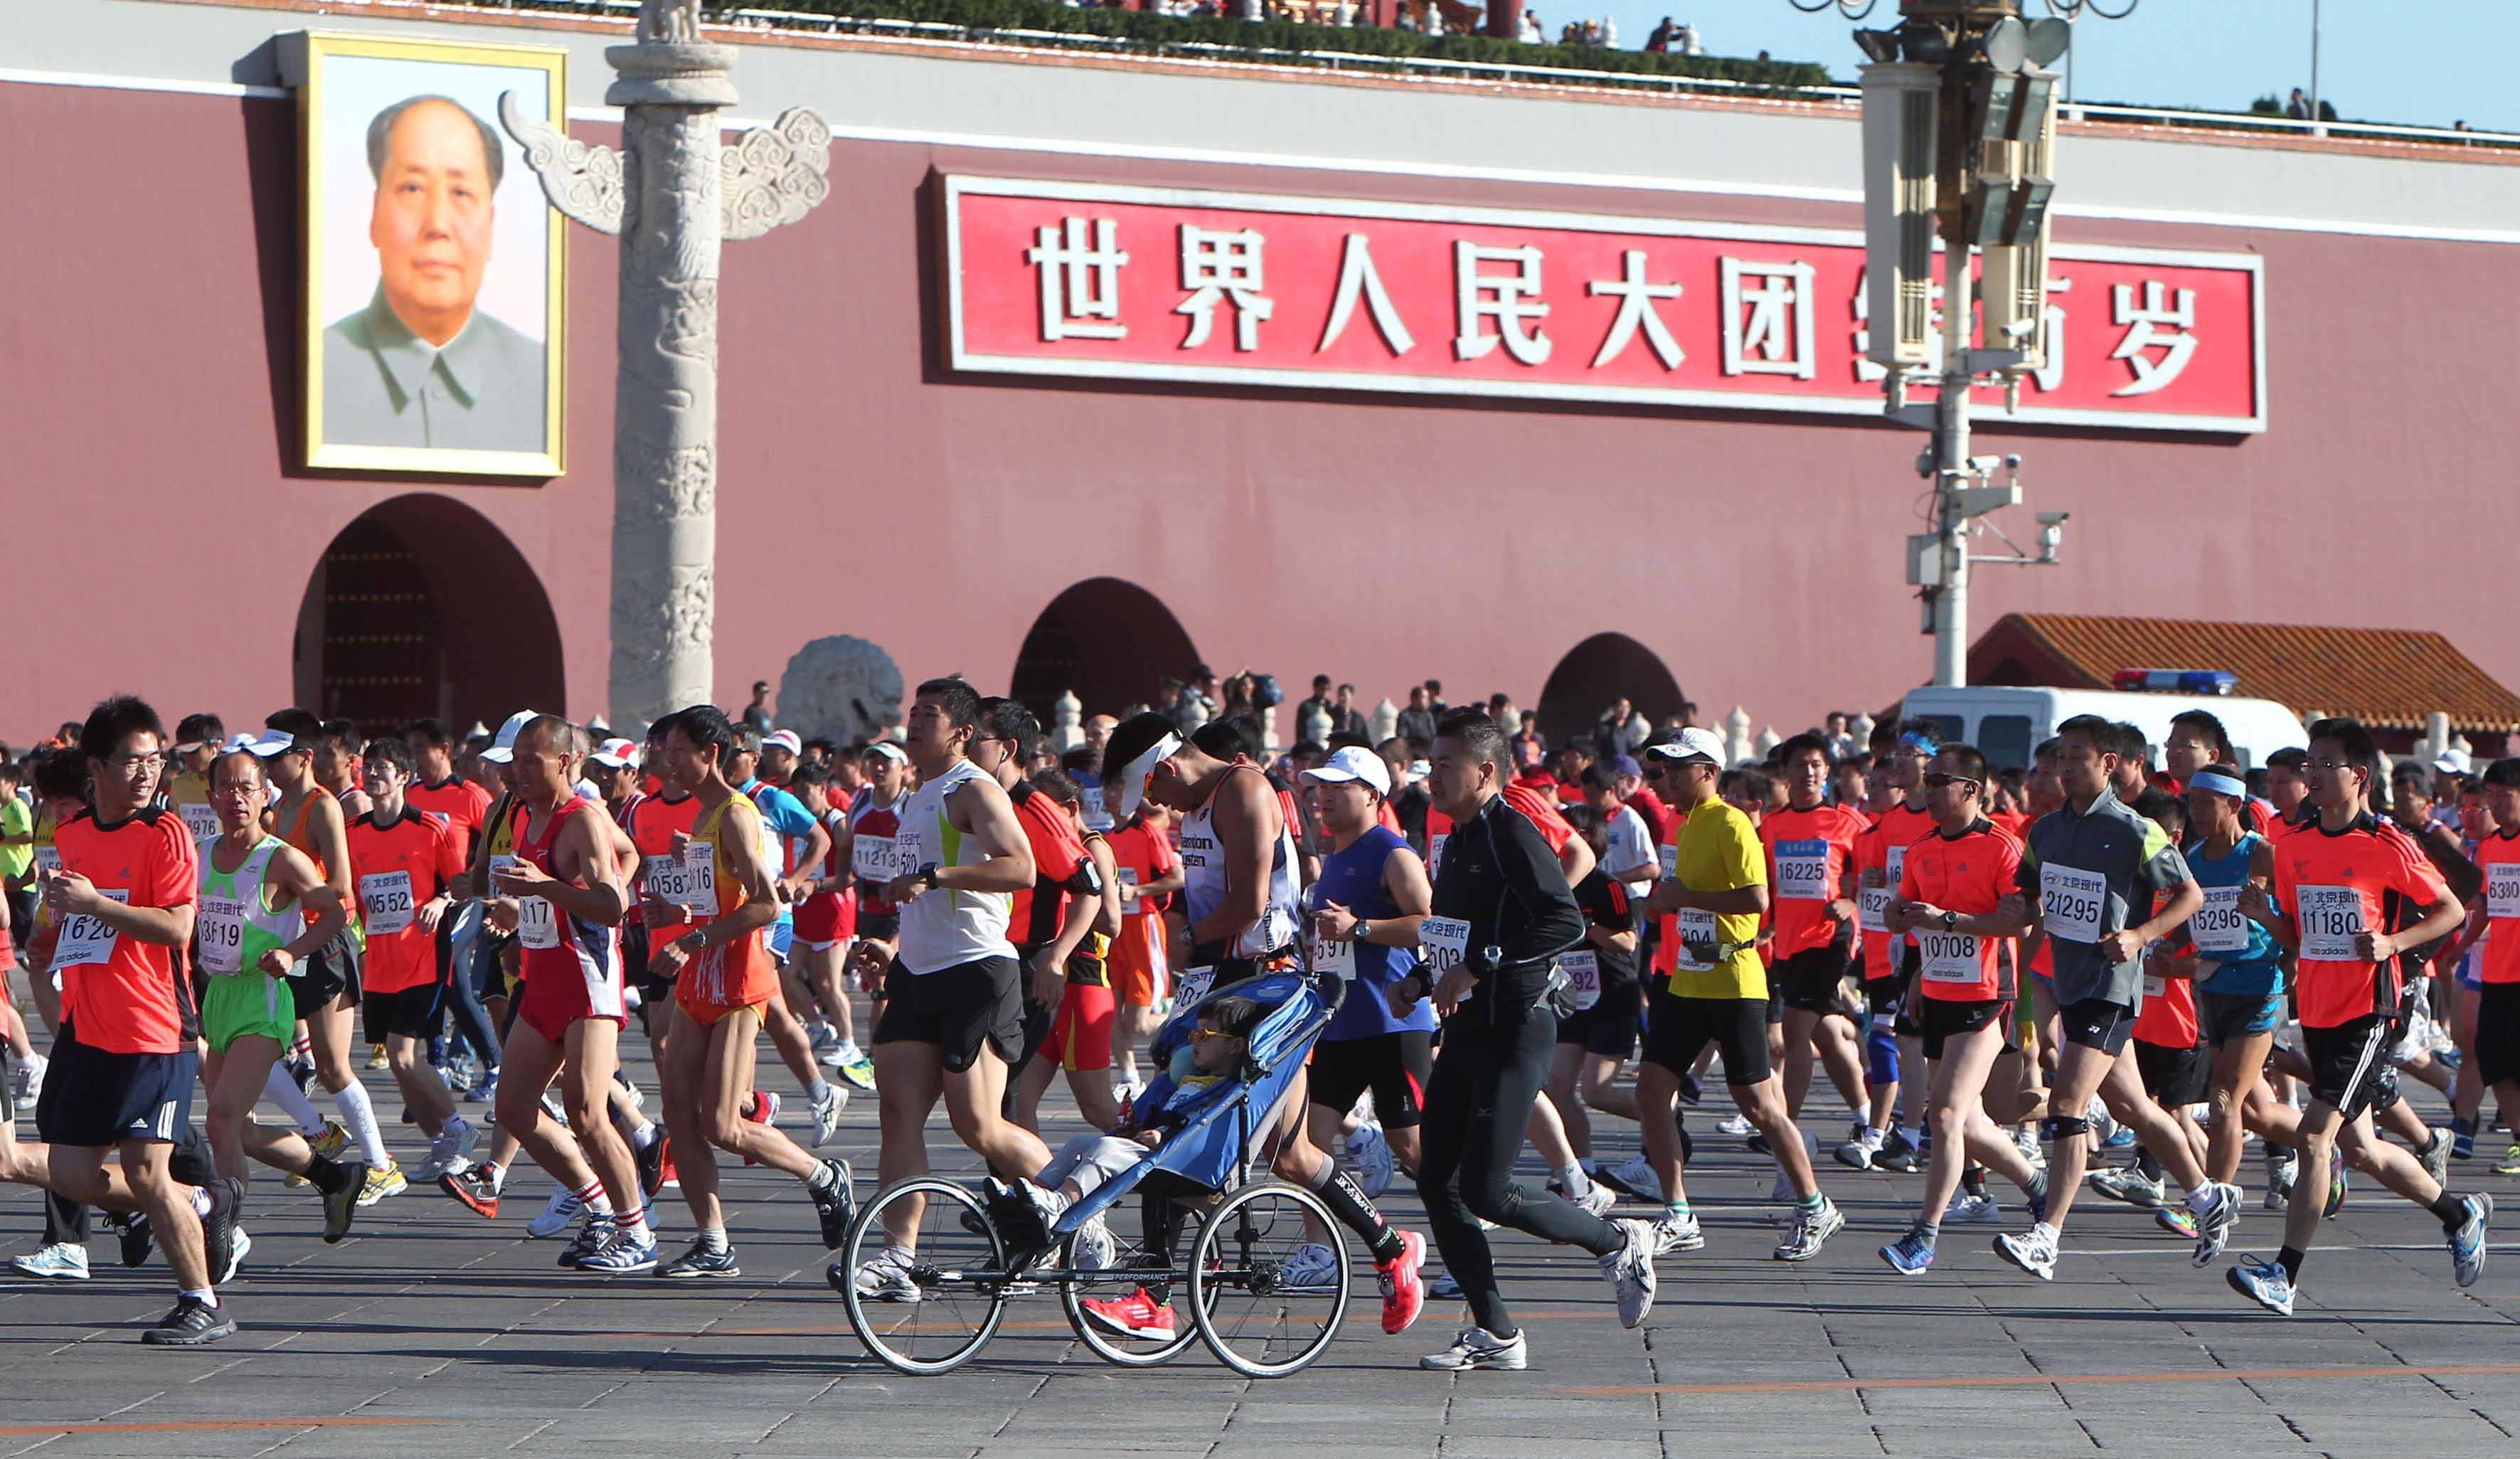 北京马拉松2015 最美马拉松女 2016北京马拉松 北京马拉松网